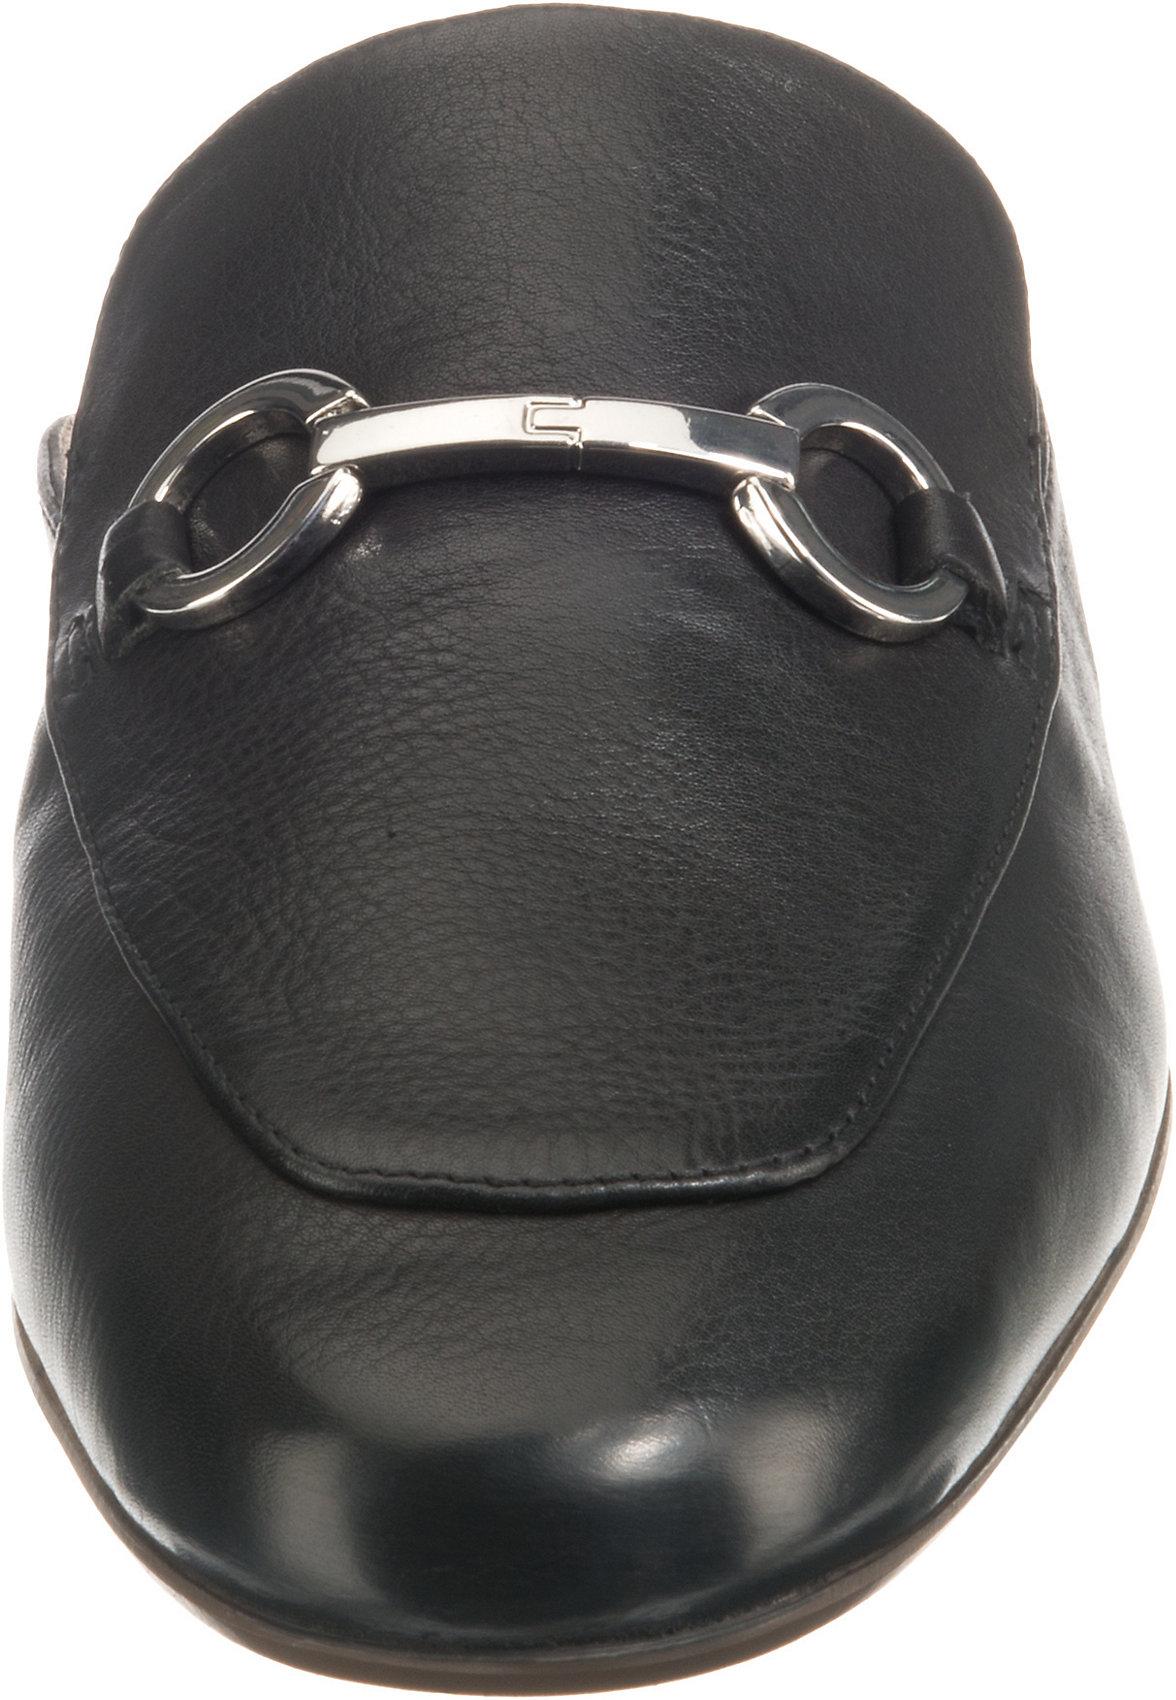 Neu Unisa Loafers 10492076 für Damen schwarz weiß